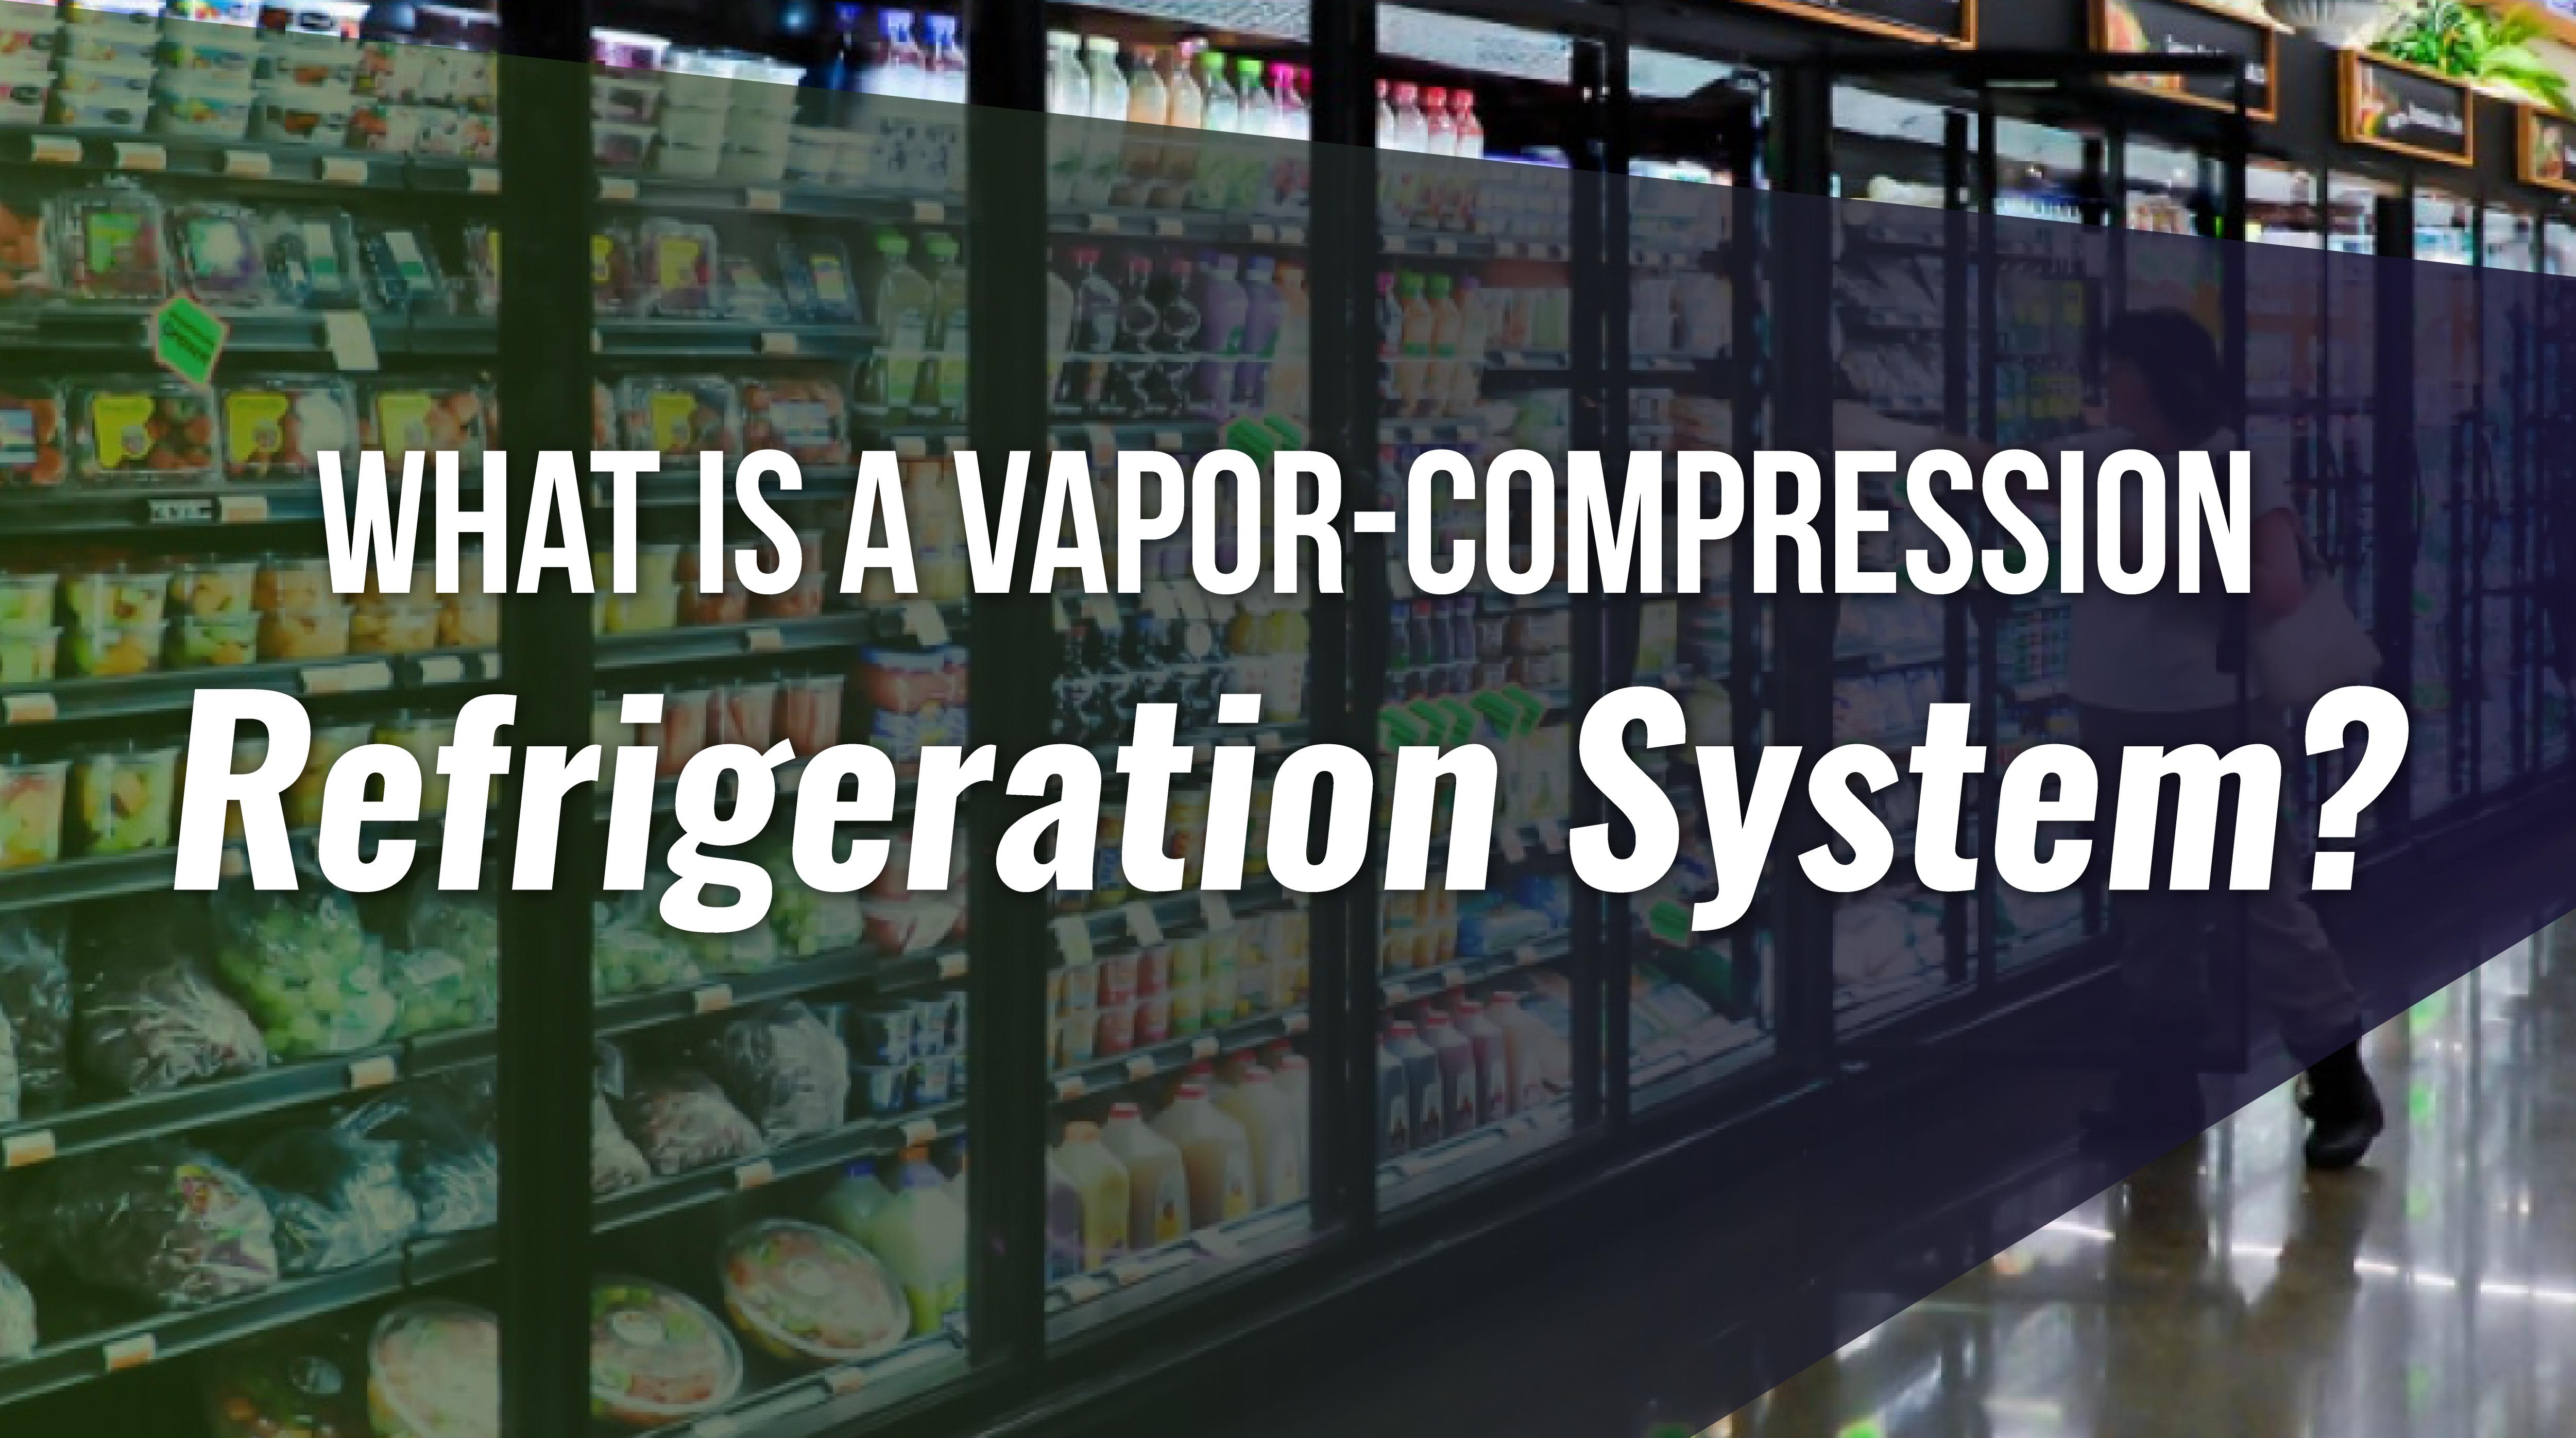 Vapor-Compression Refrigeration